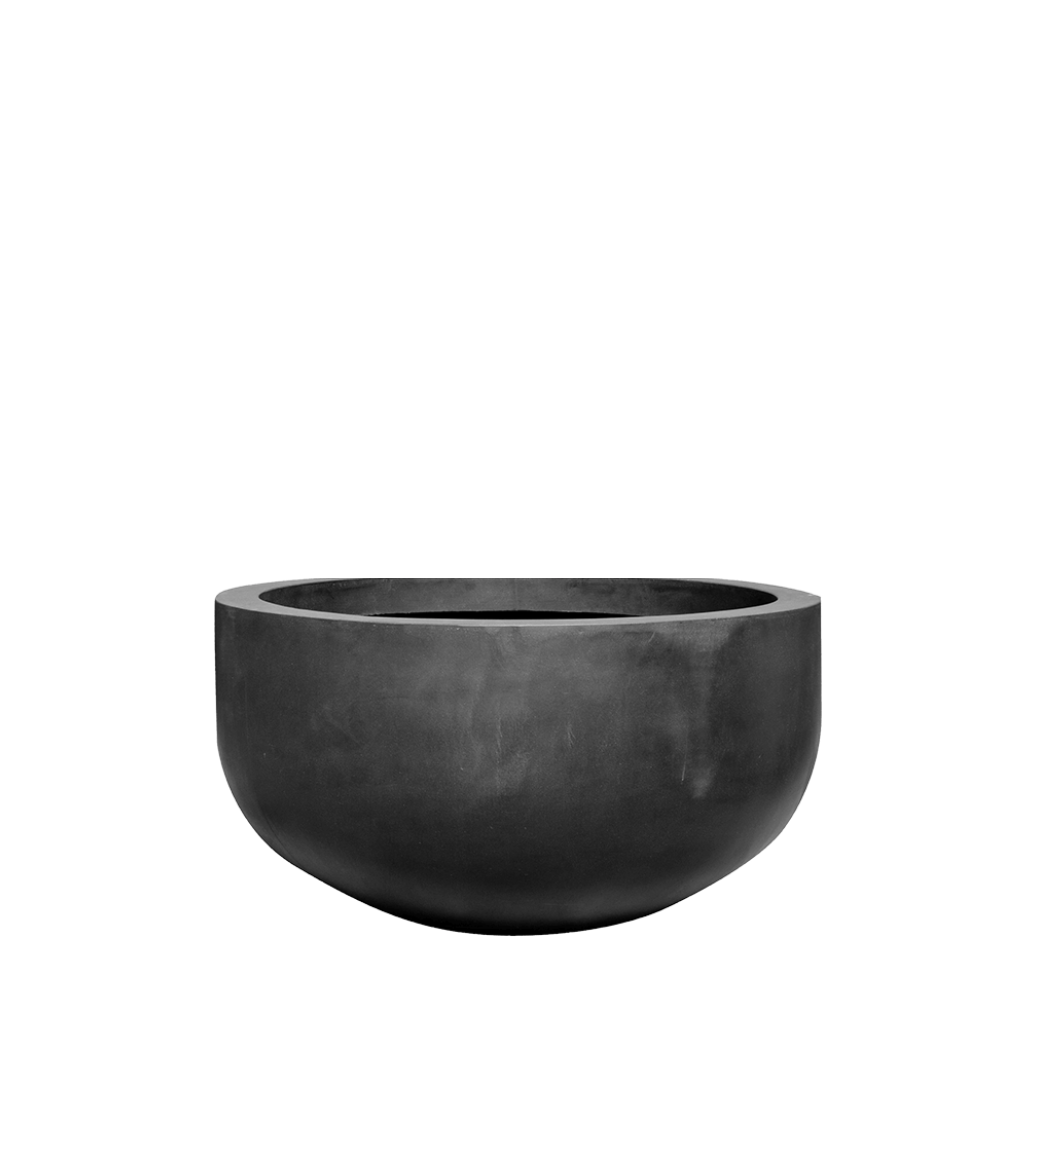 Schwarze Pflanzkübel Manhattan - D128 cm